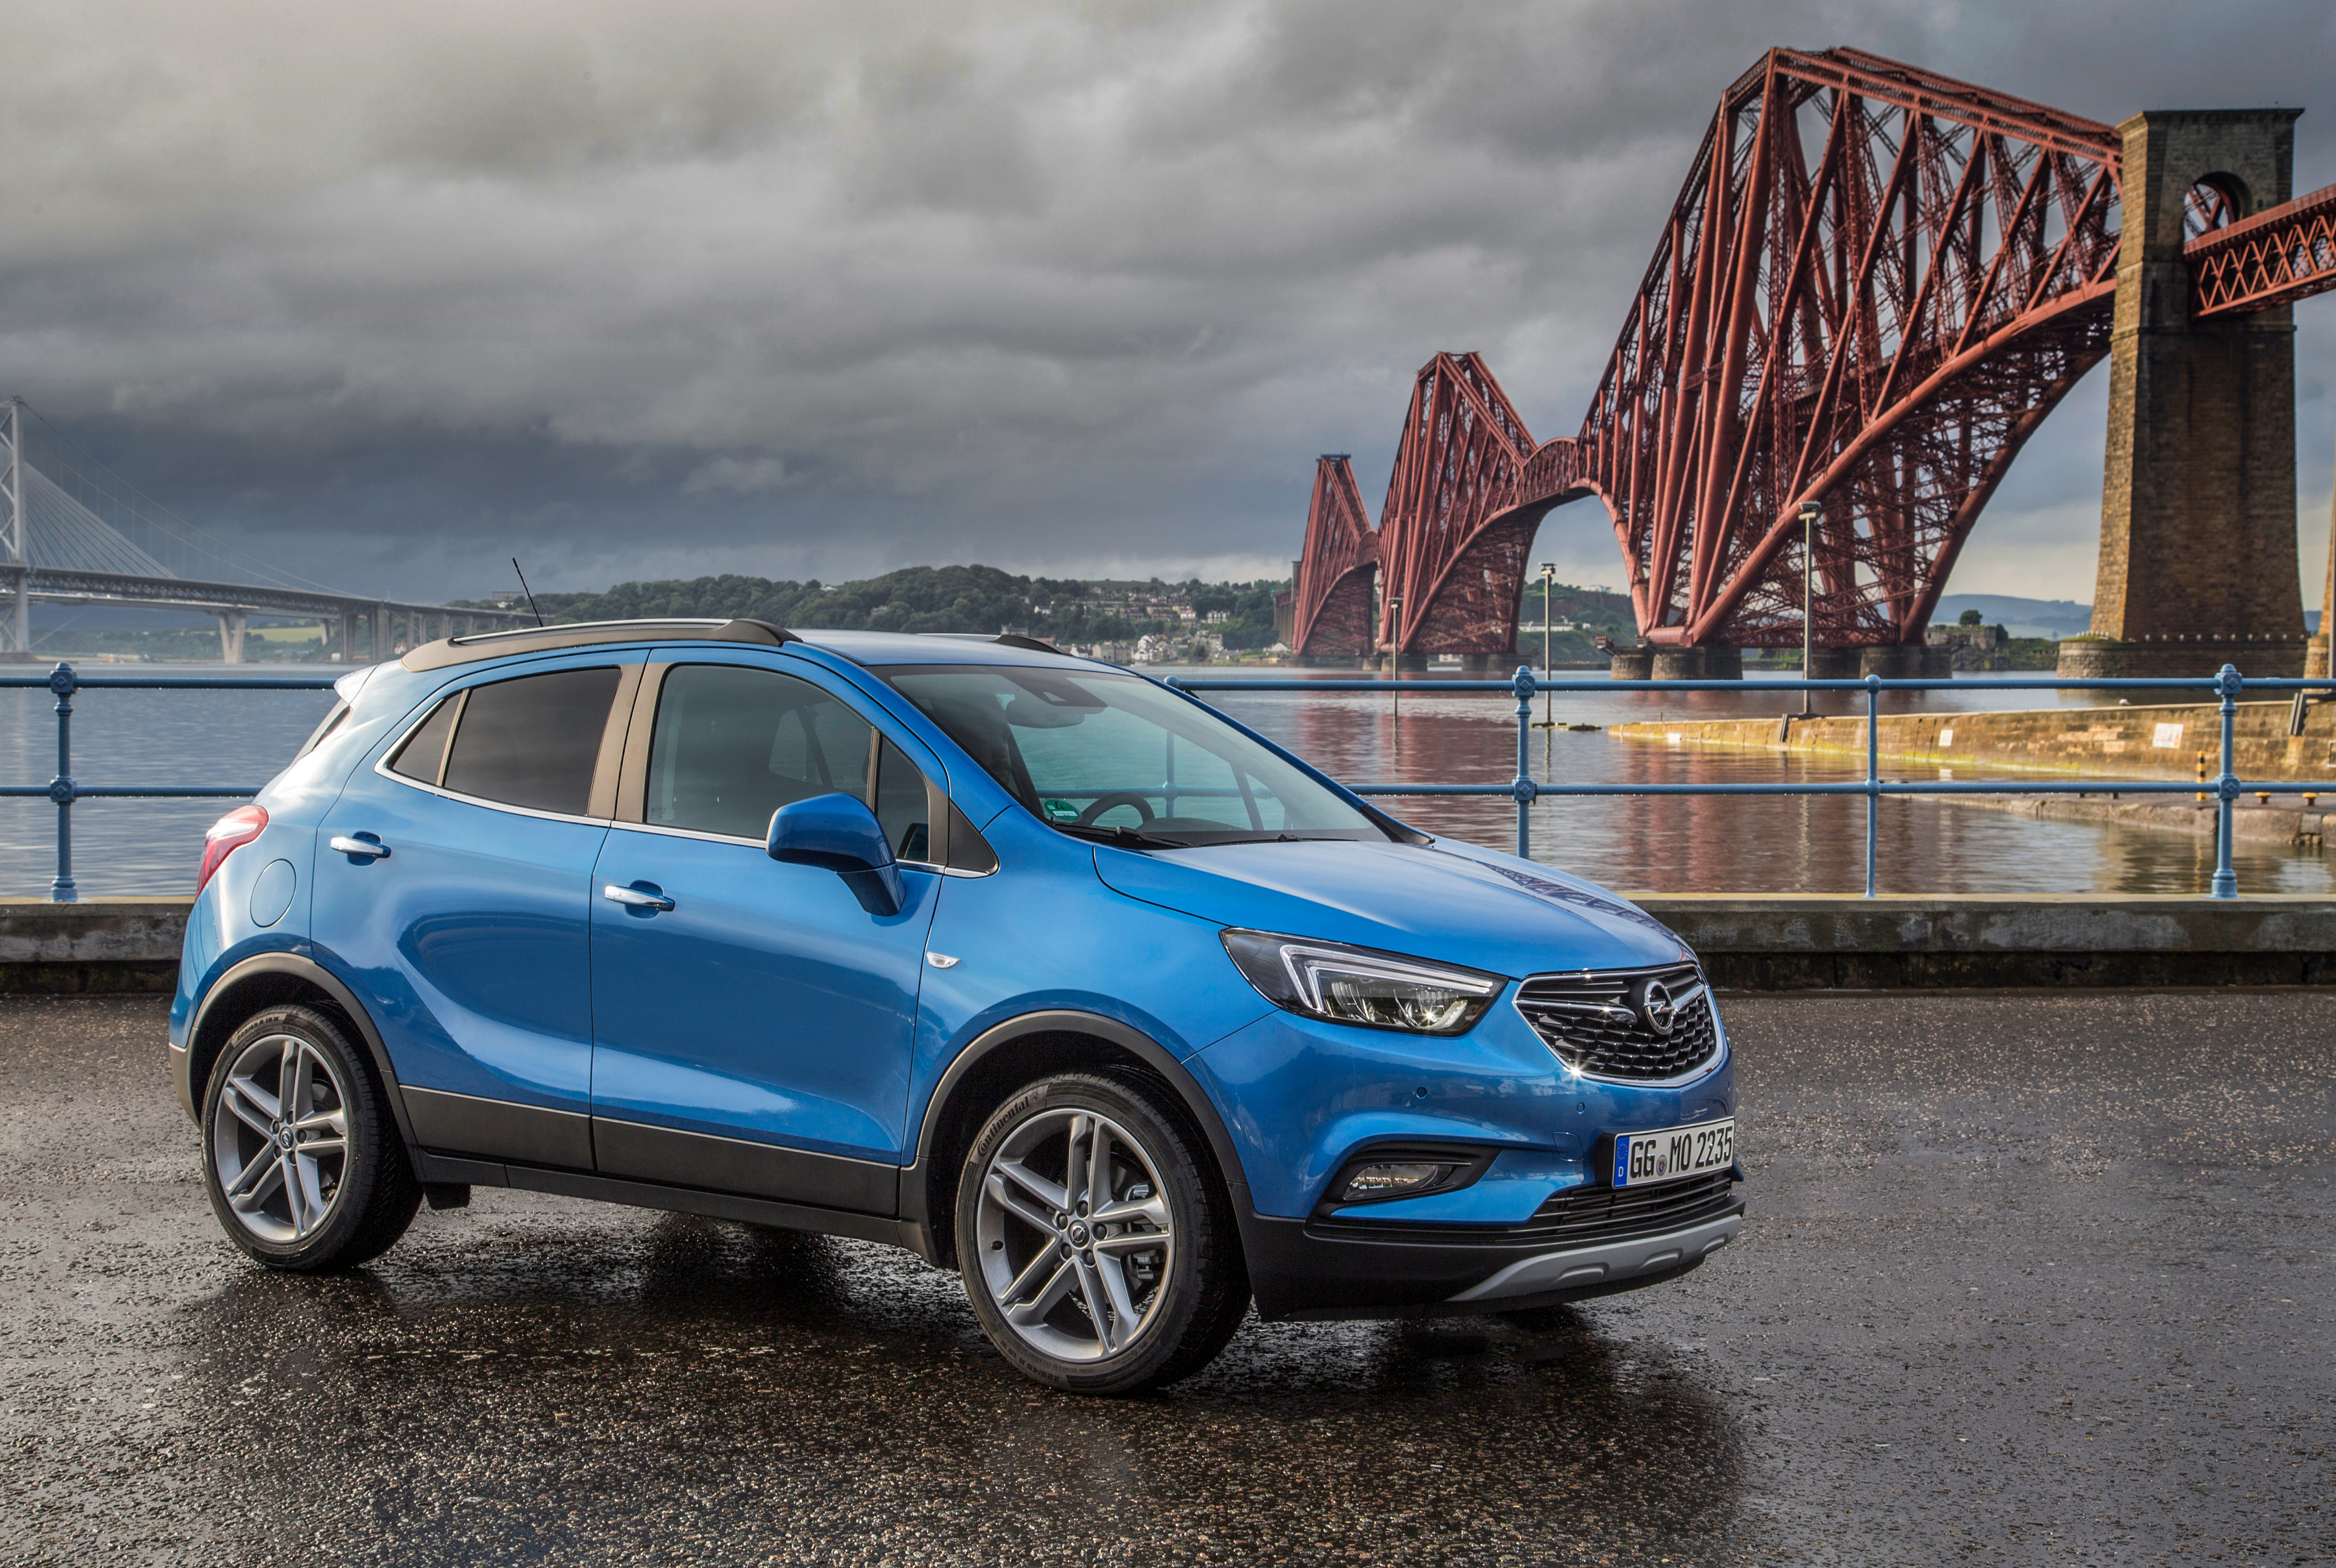 Opel Mokka 4k Ultra Papel De Parede Hd Plano De Fundo 4096x2750 Id 834667 Wallpaper Abyss